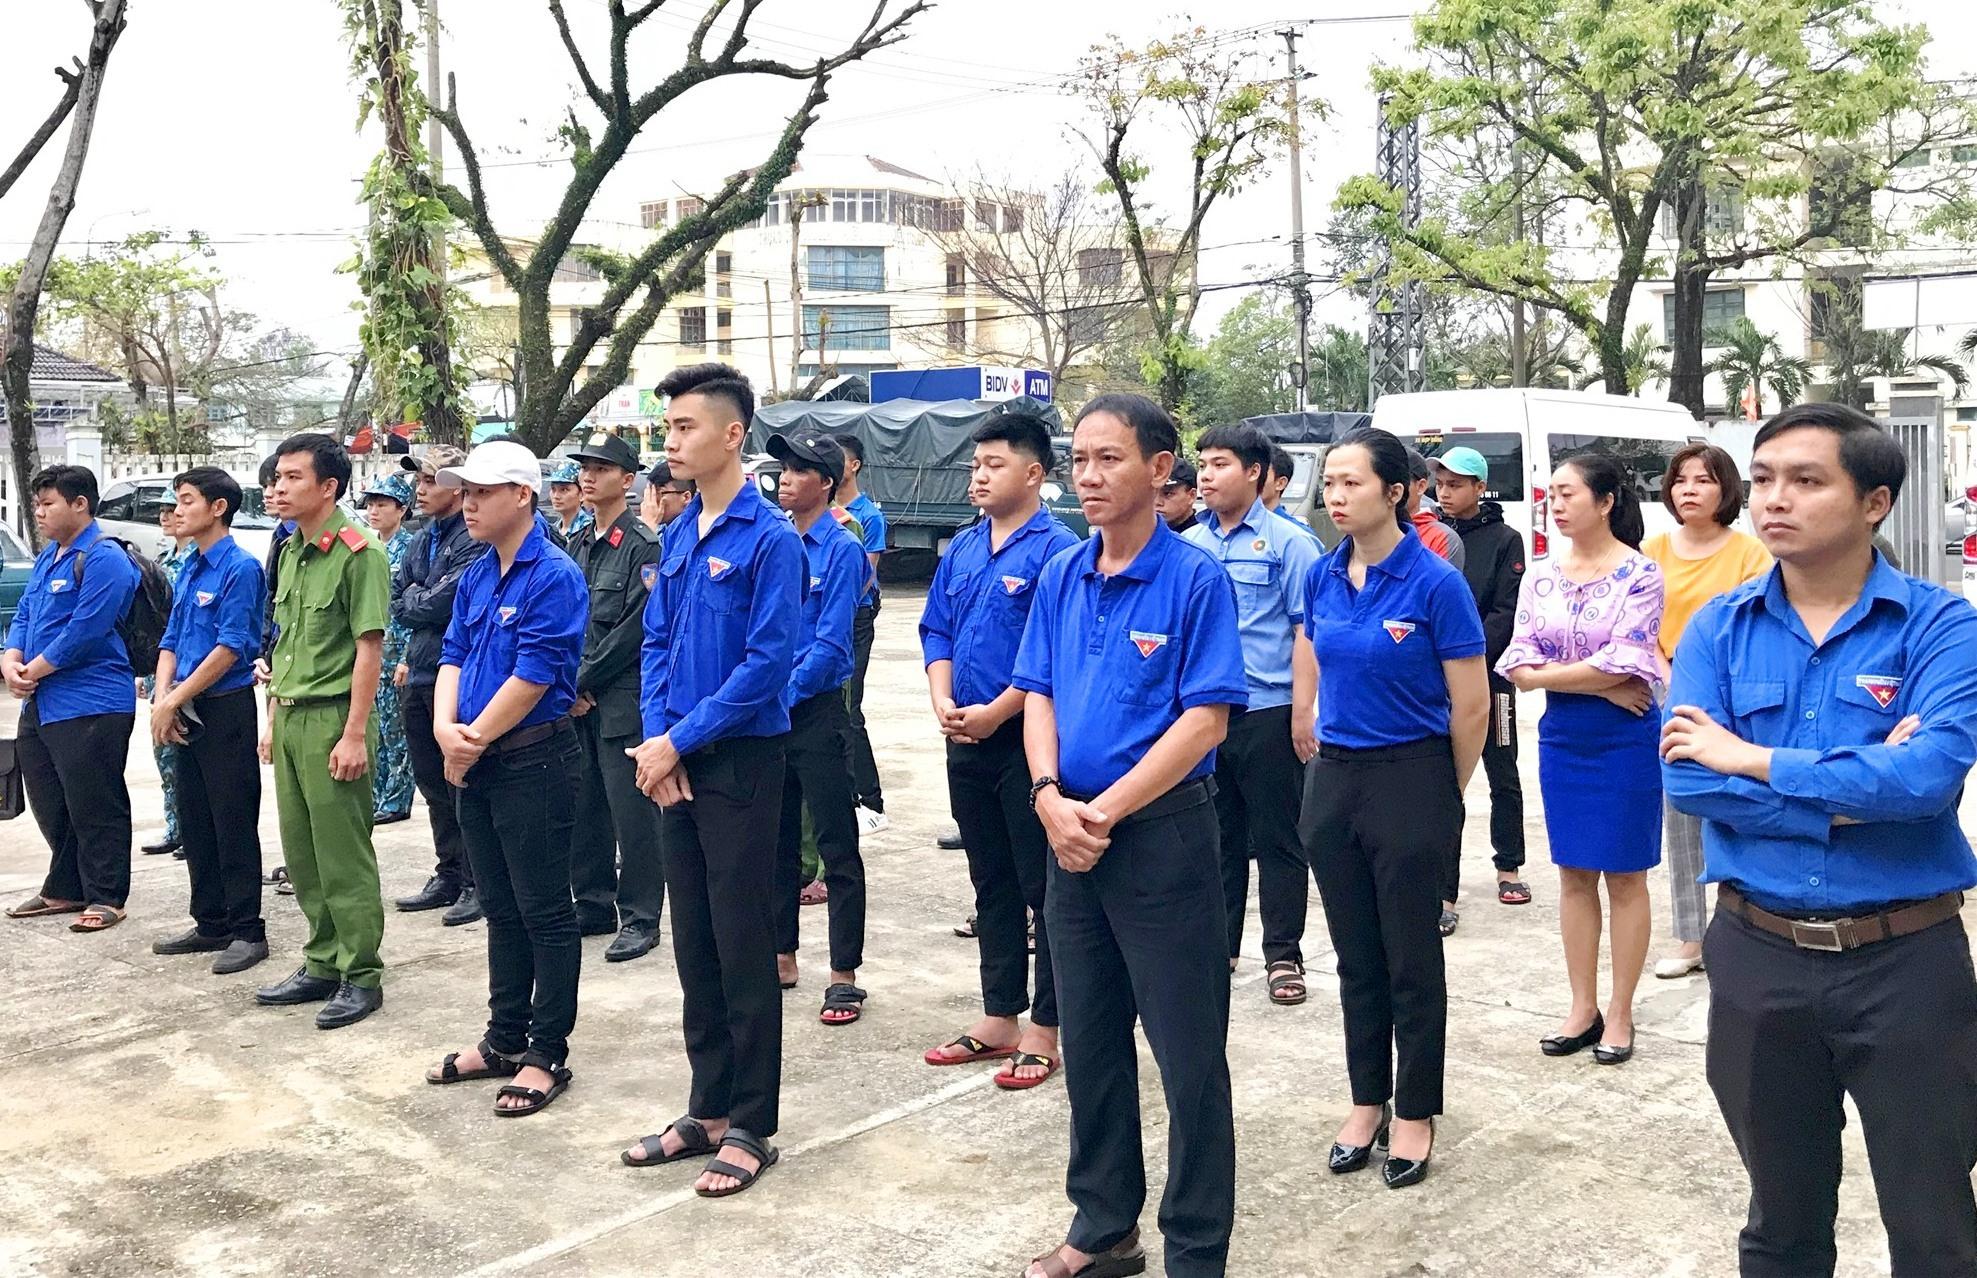 Lực lượng thanh niên tình nguyện tham gia Lê xuất quân chương trình. Ảnh: VINH ANH